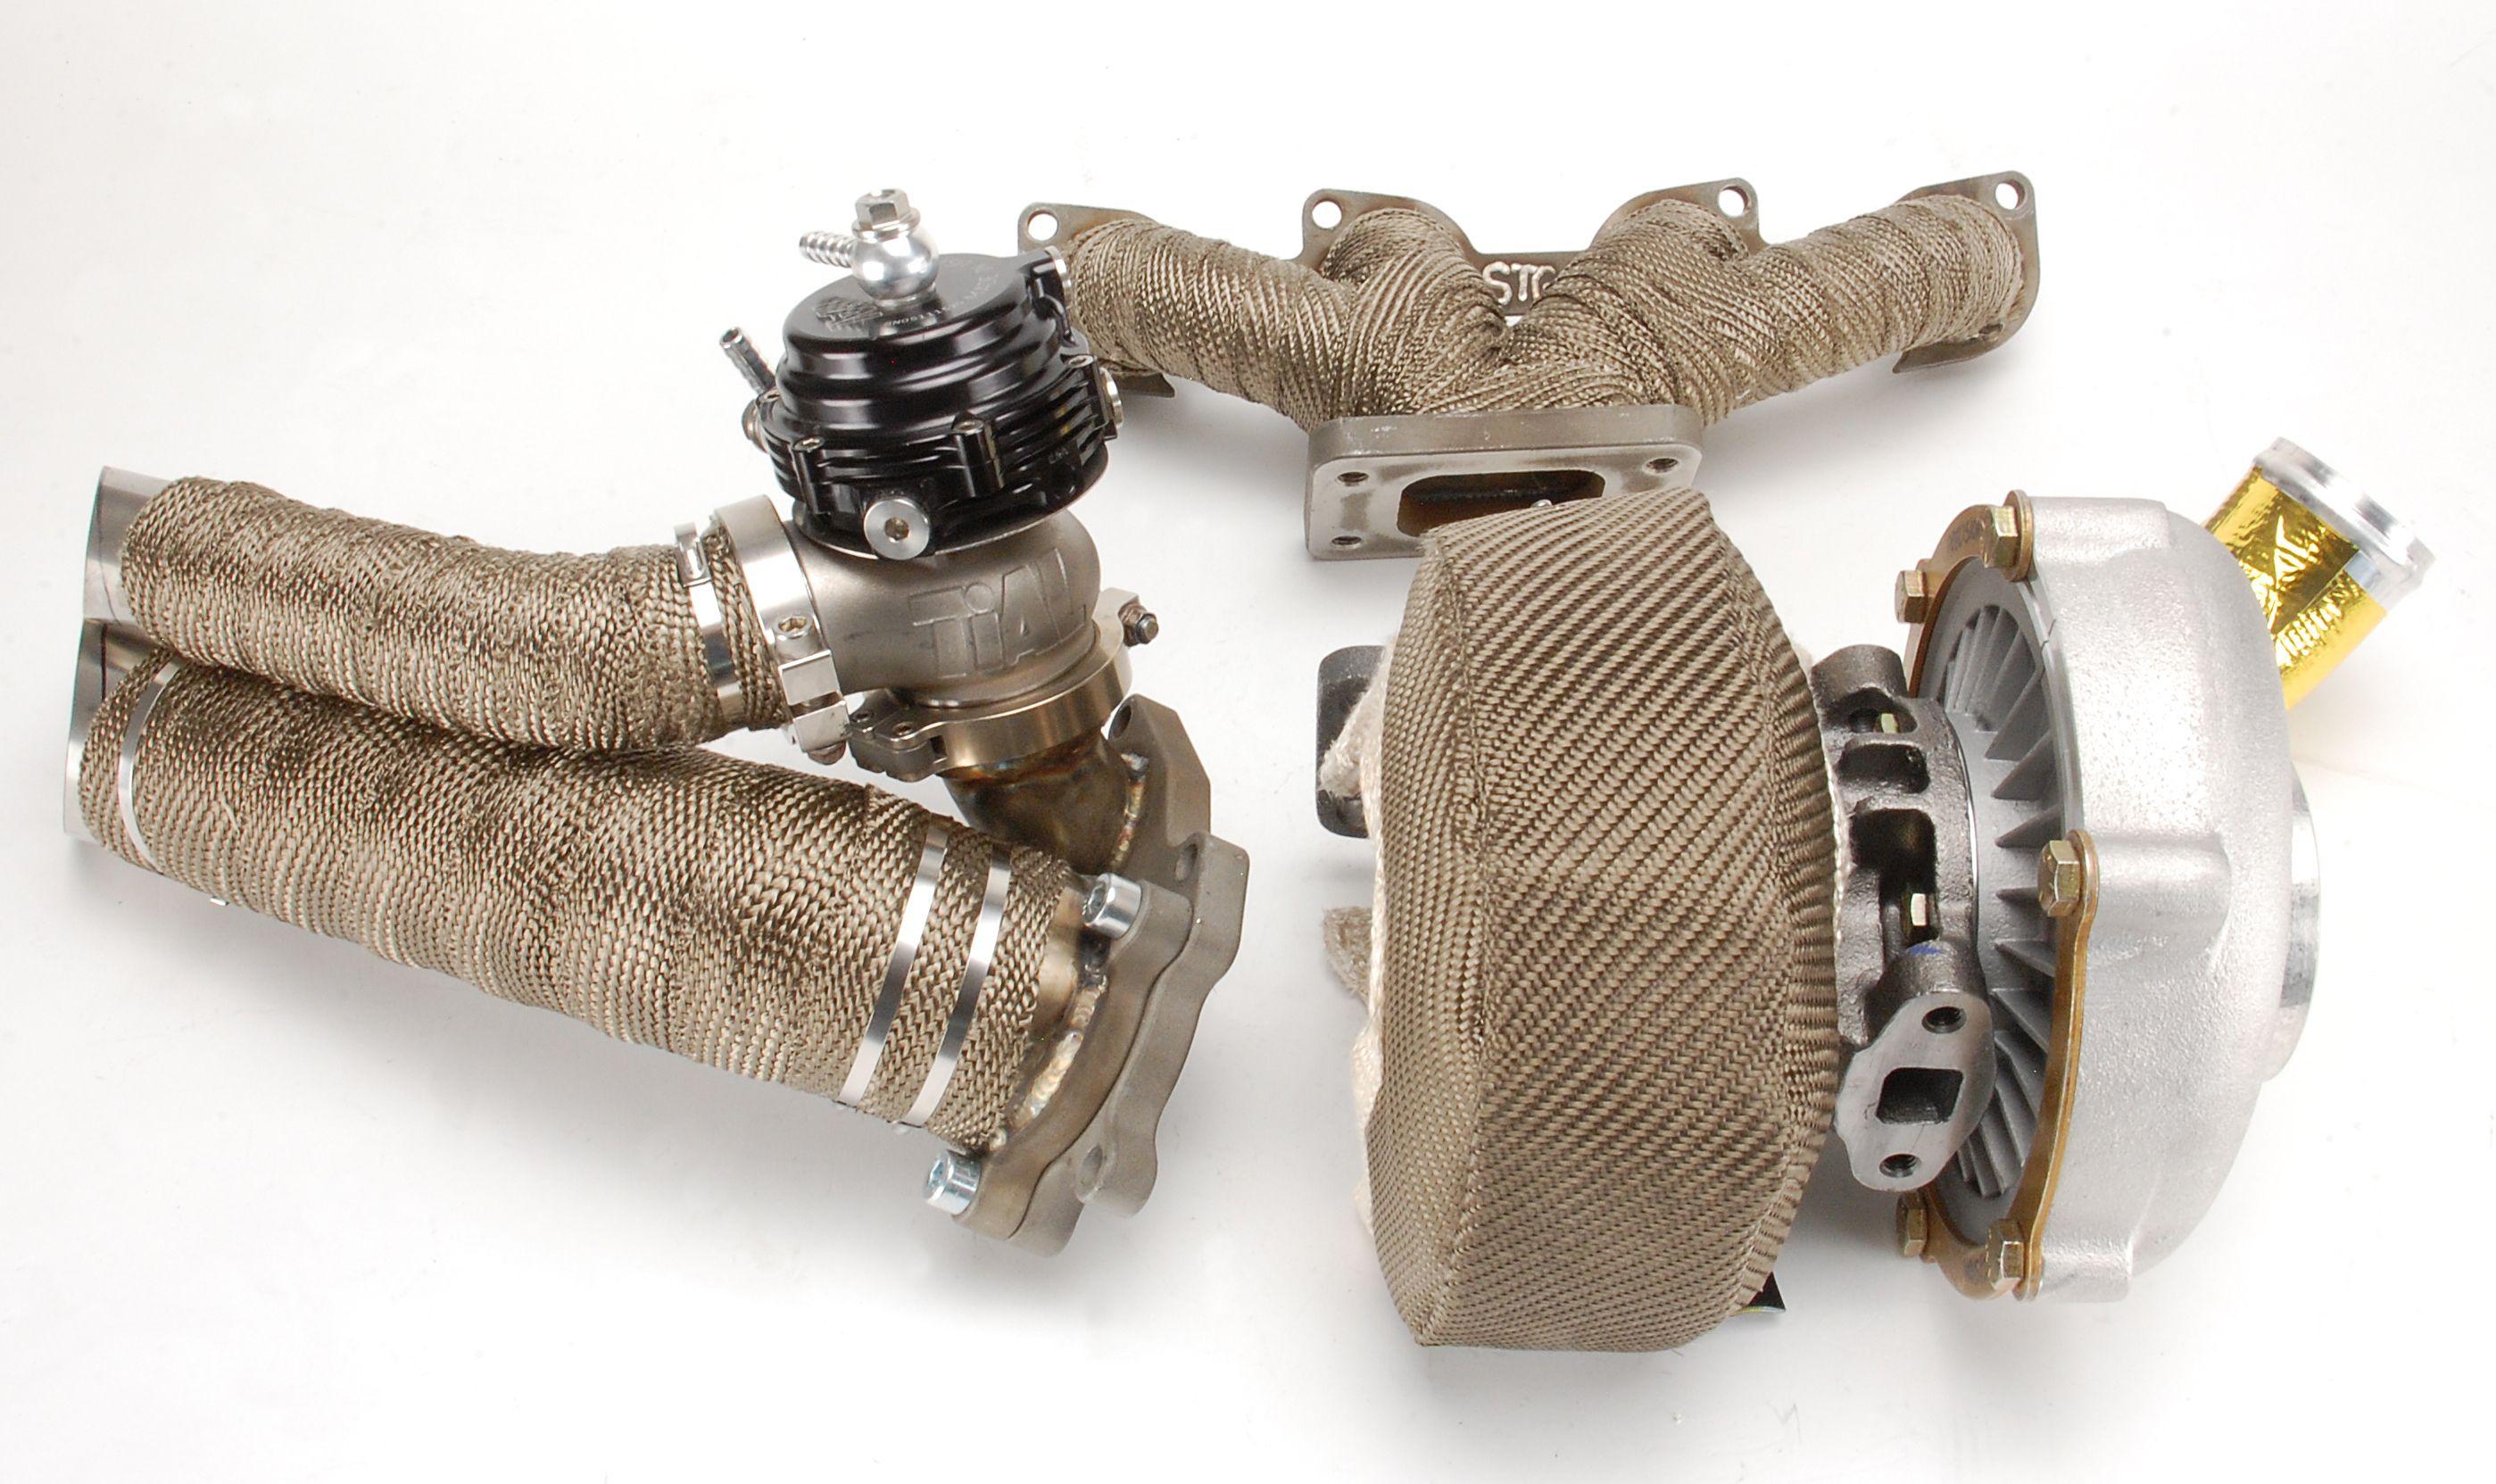 Suzuki Hayabusa Turbo Kit wrapped with DEI Titanium Wrap and Turbo